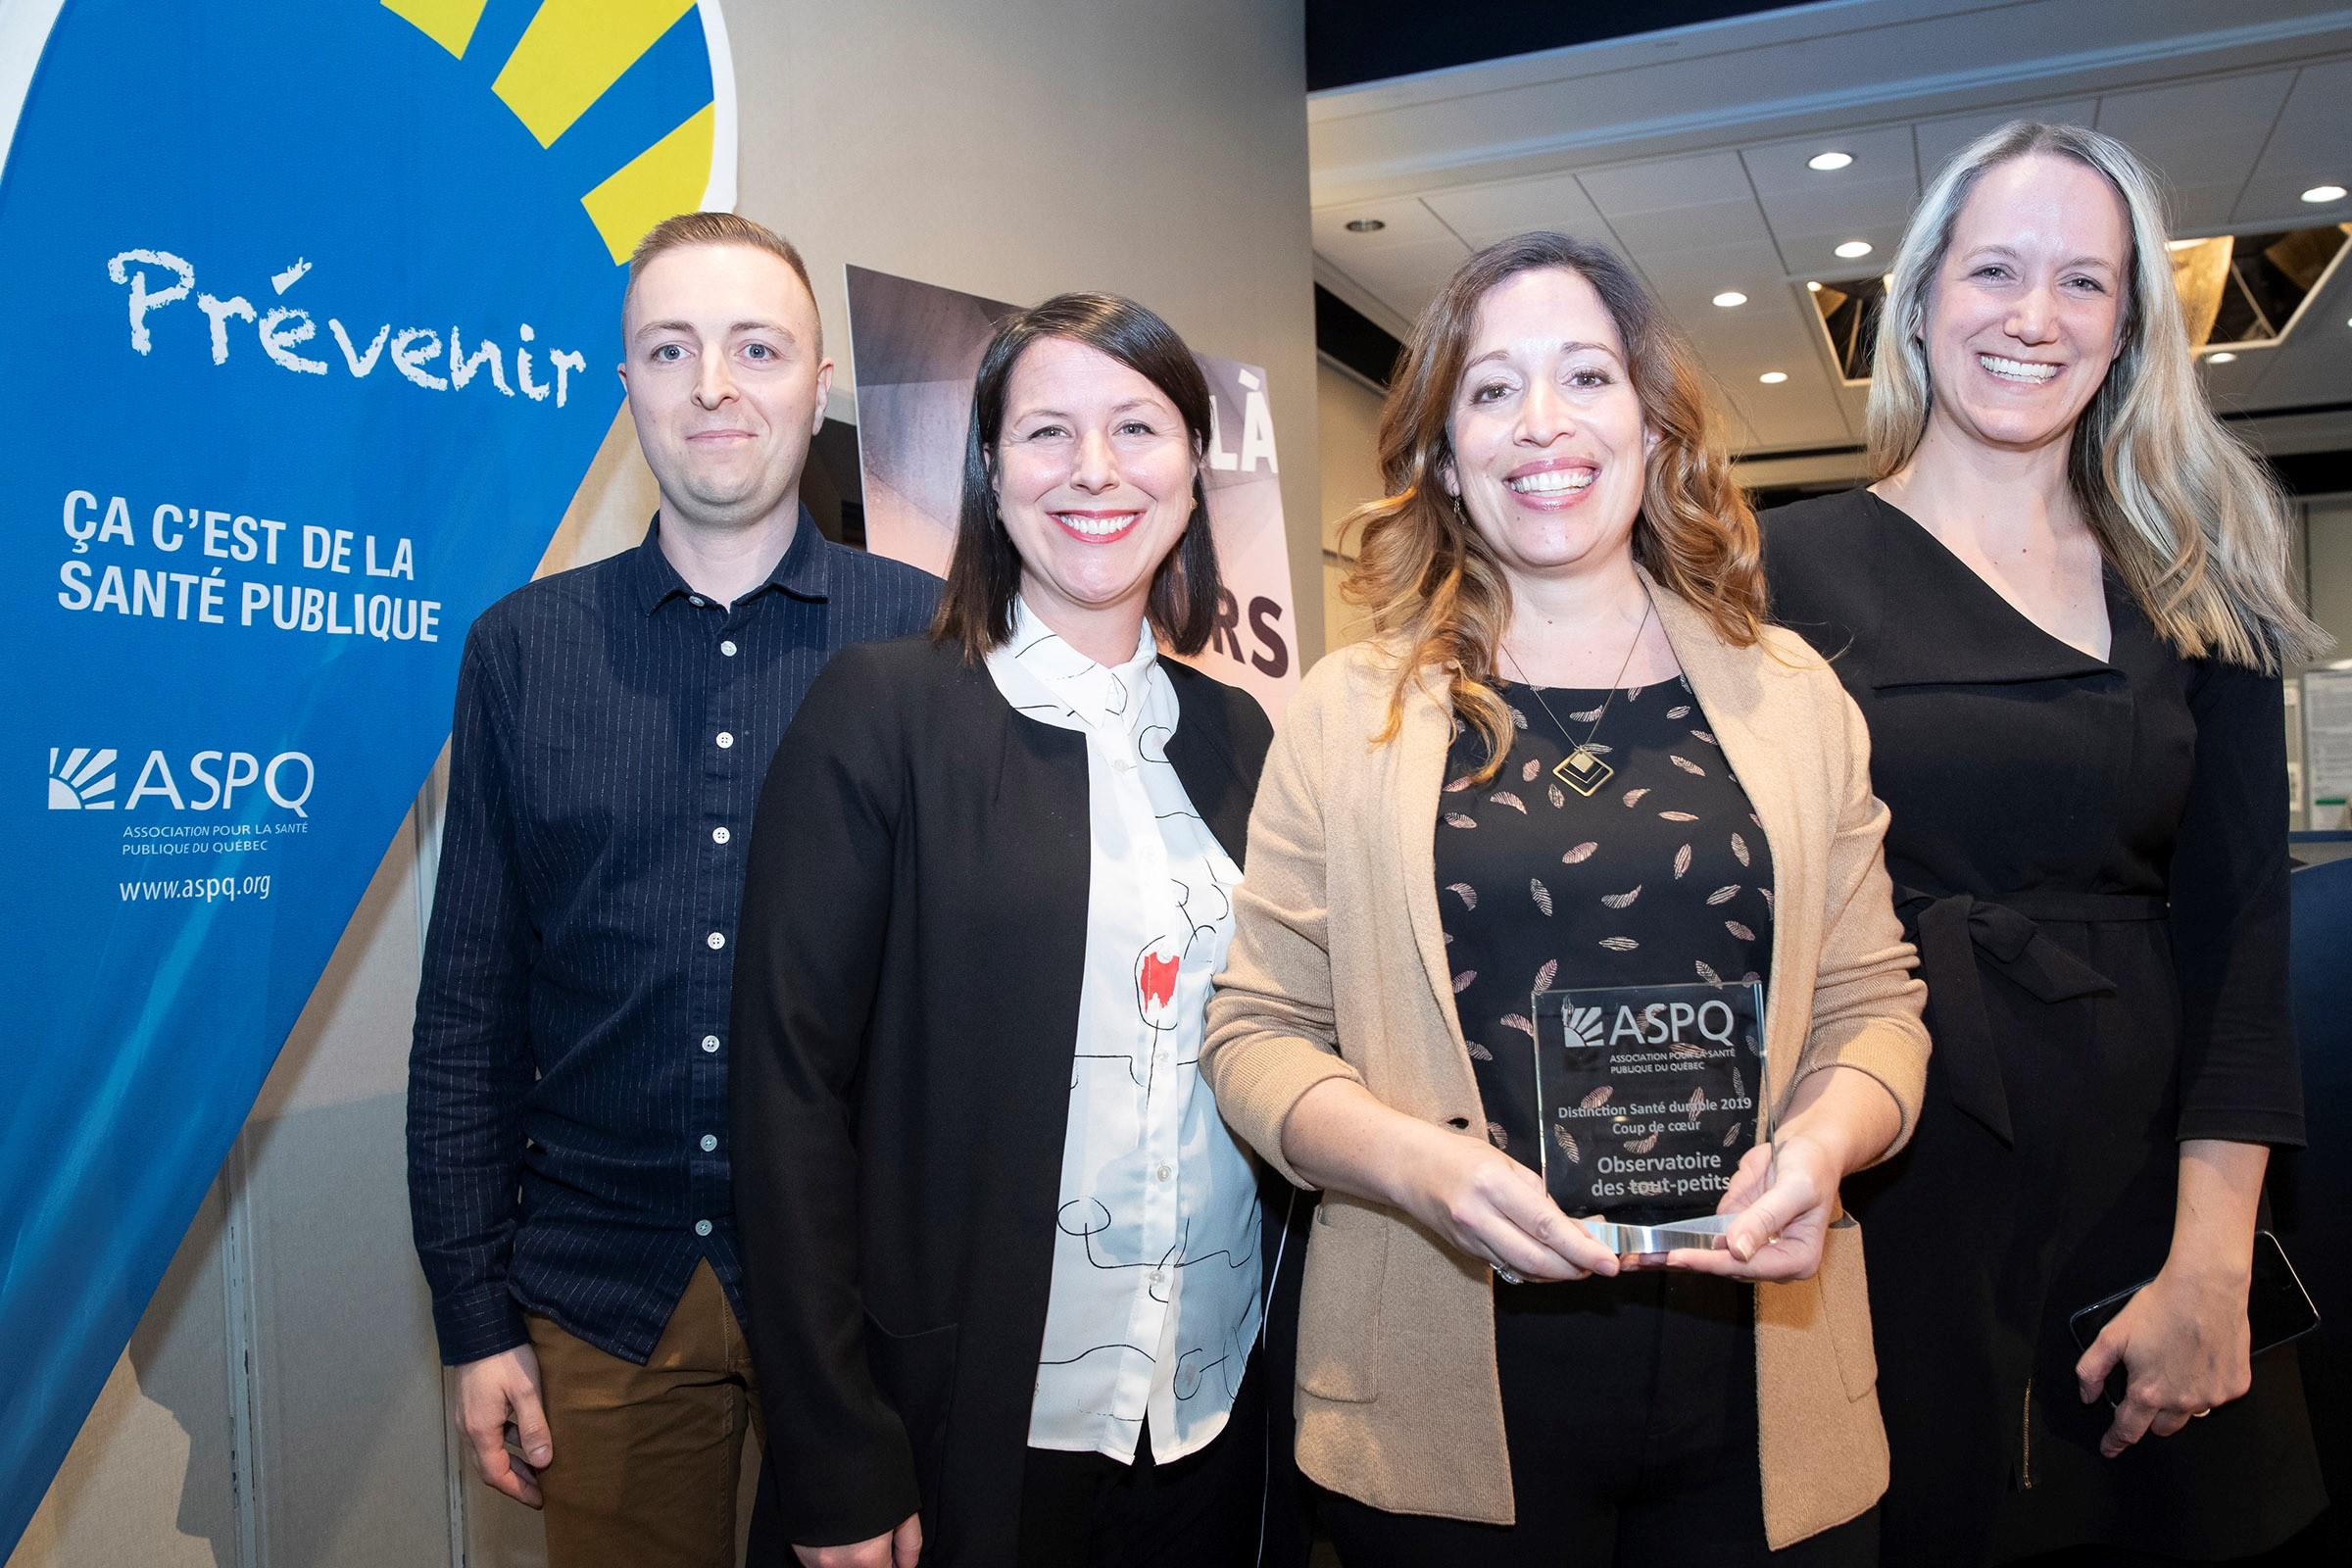 L'Observatoire des tout-petits - Prix Distinction Santé durable Coup de cœur 2019